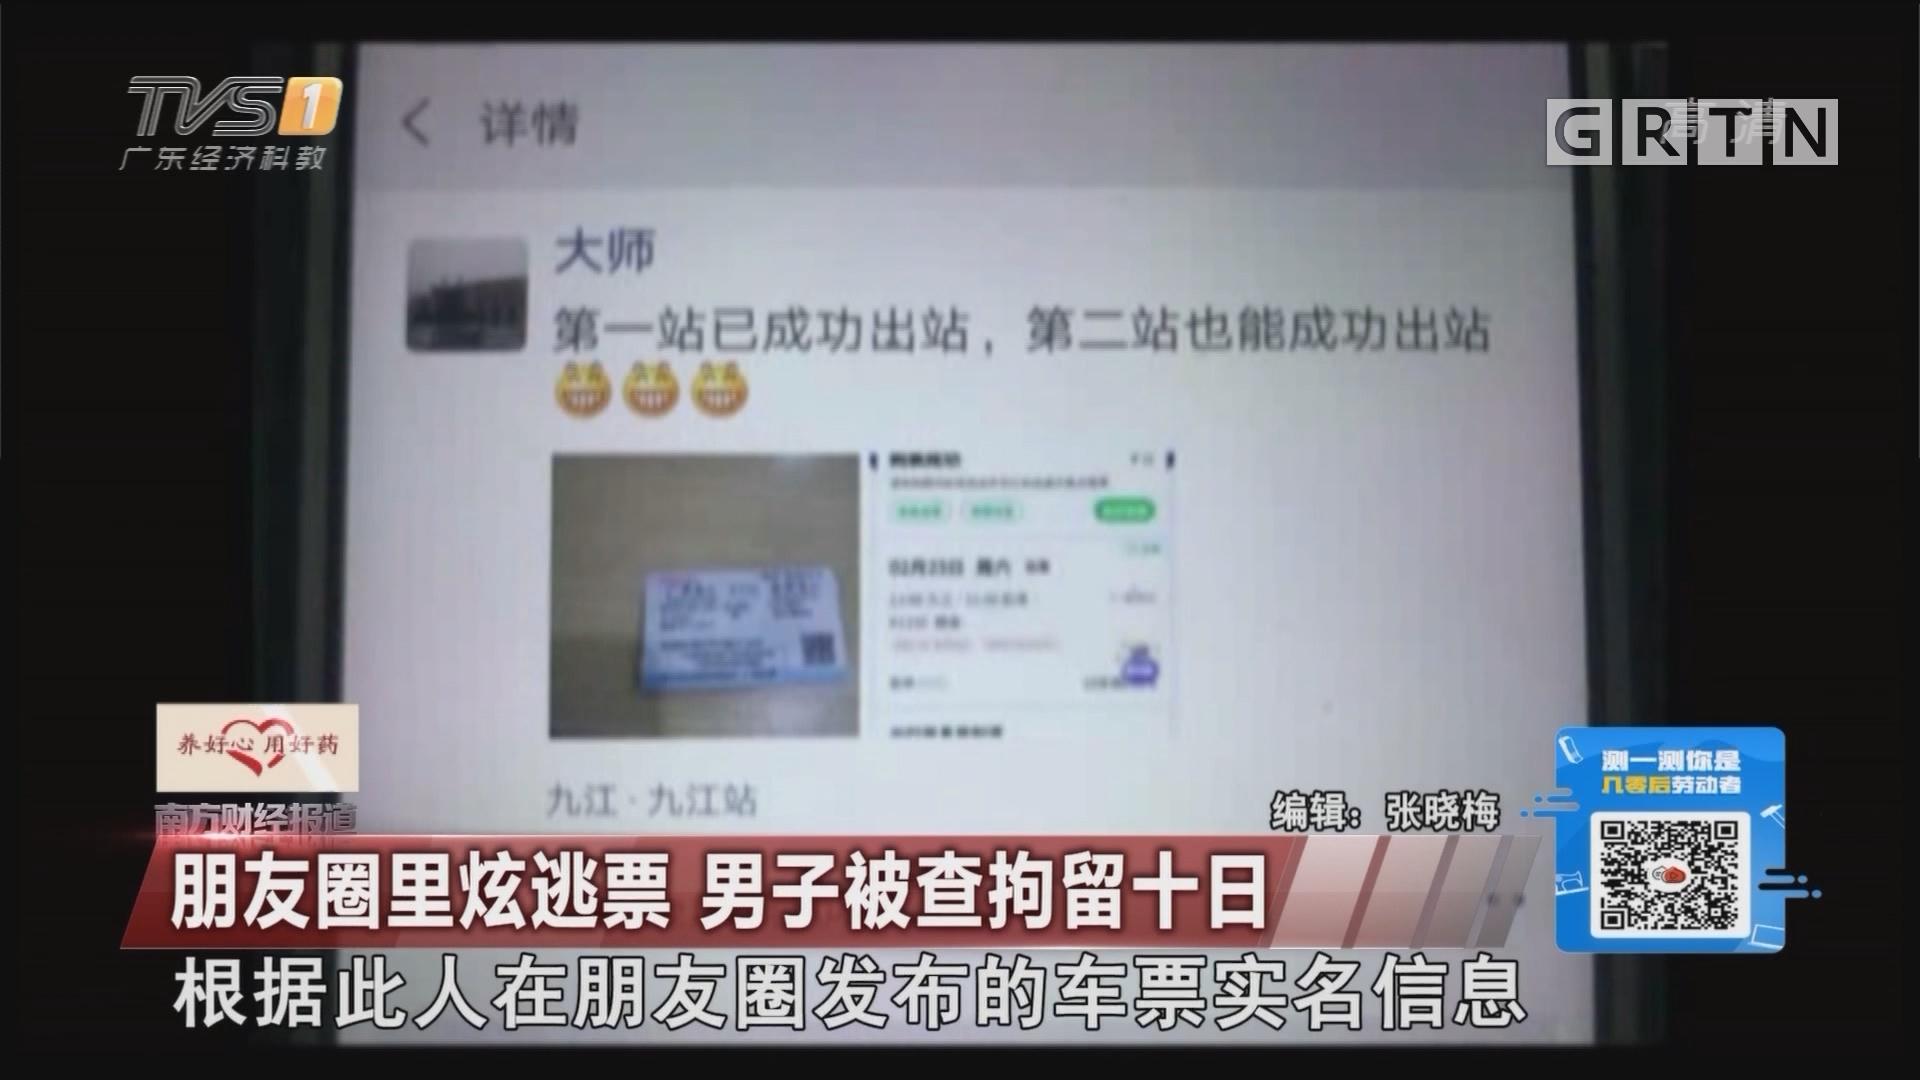 朋友圈里炫逃票 男子被查拘留十日